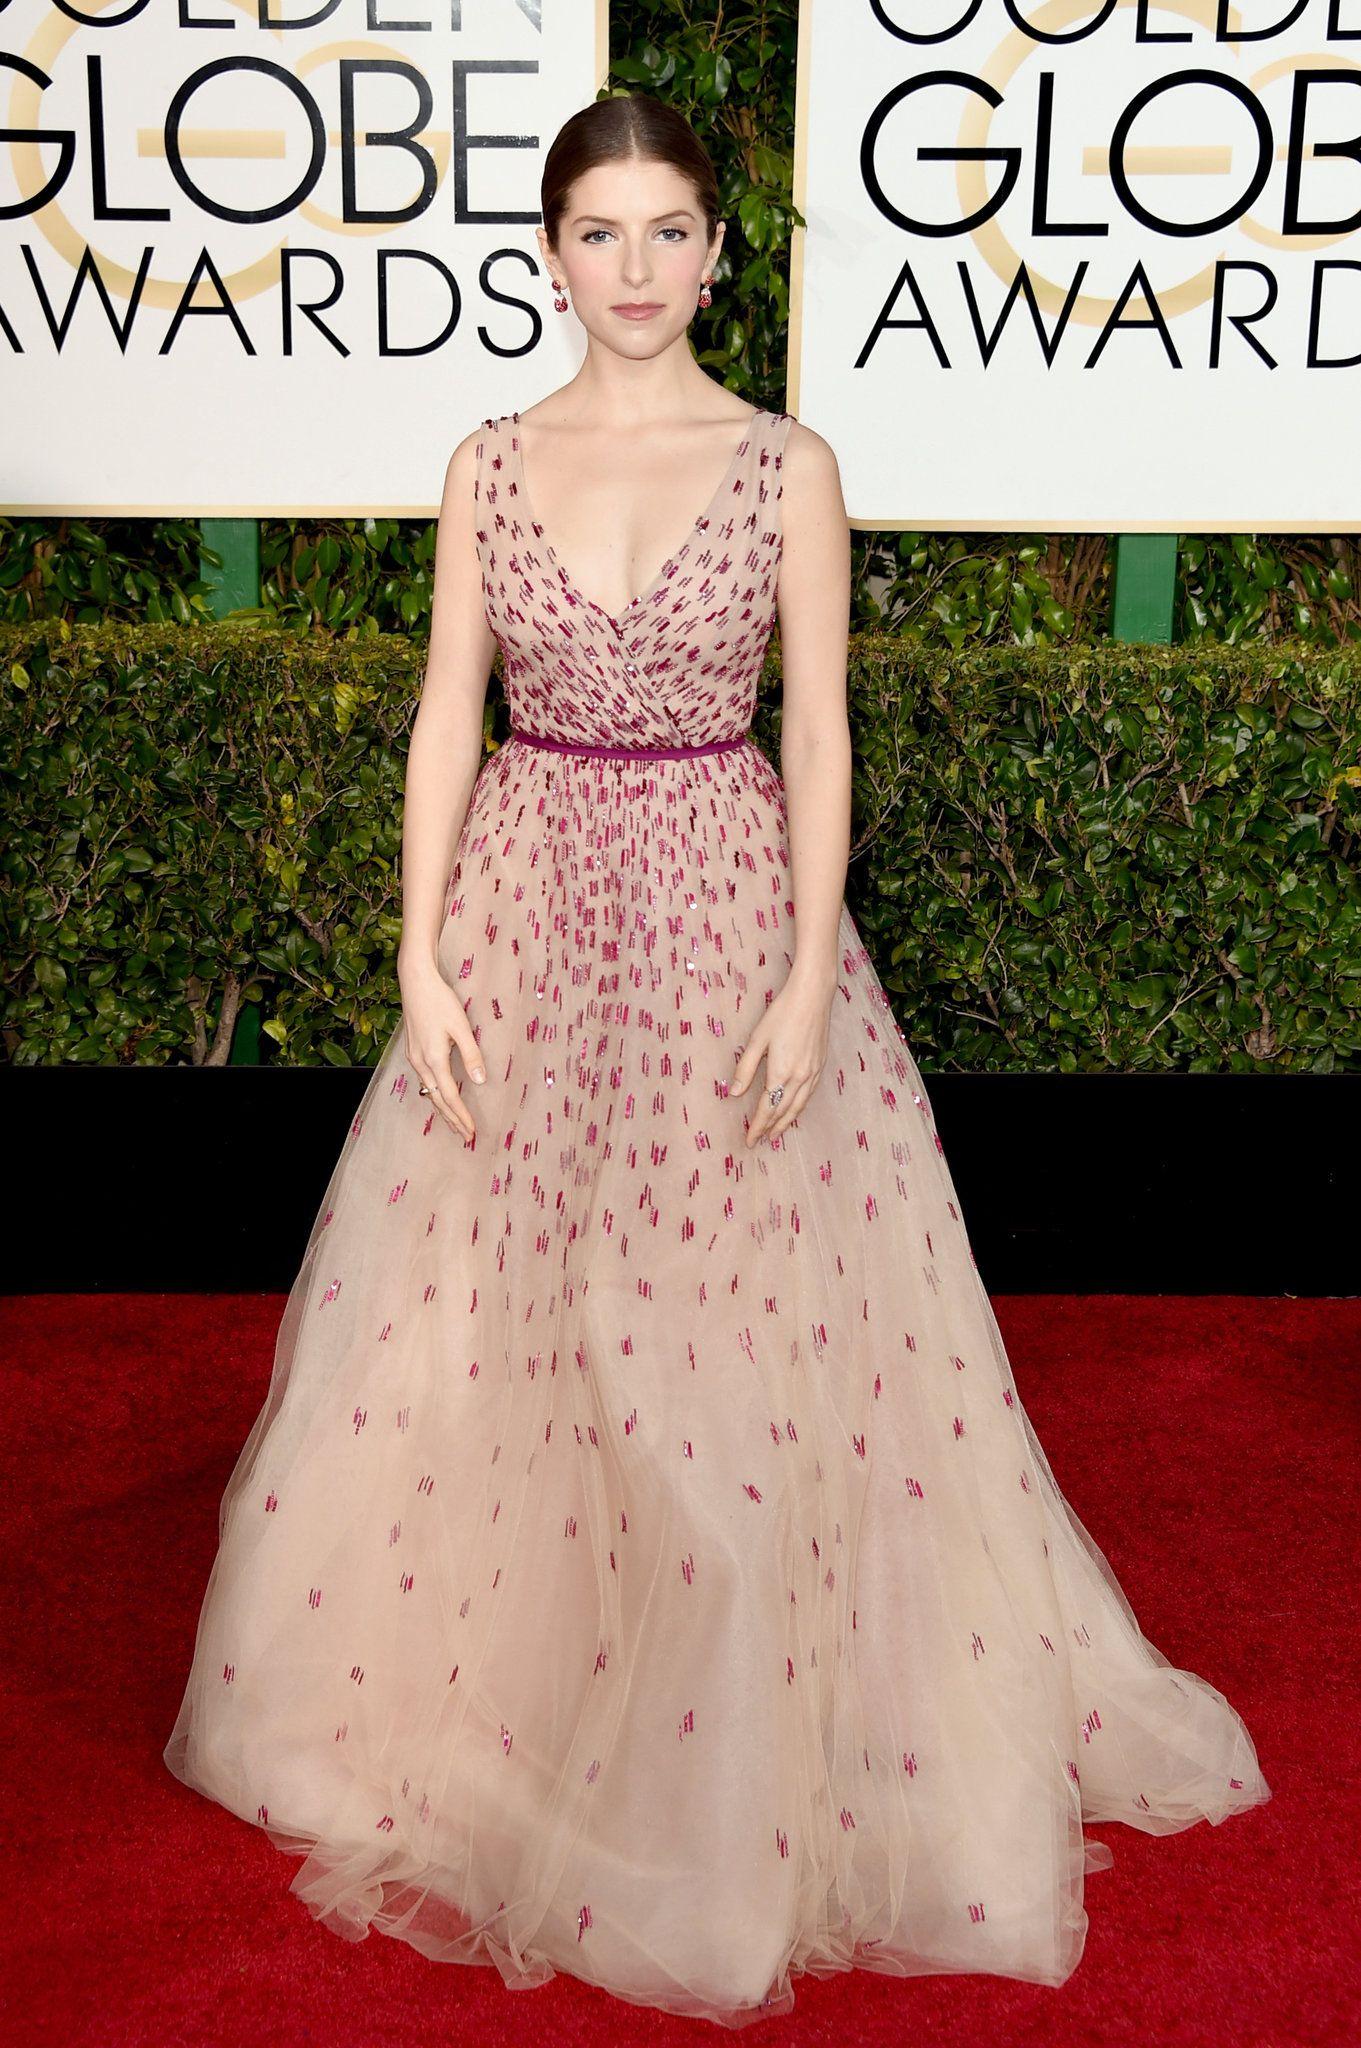 Golden Globes 2015 Anna Kendrick Celebrity Dresses Golden Globes Red Carpet Red Carpet Dresses